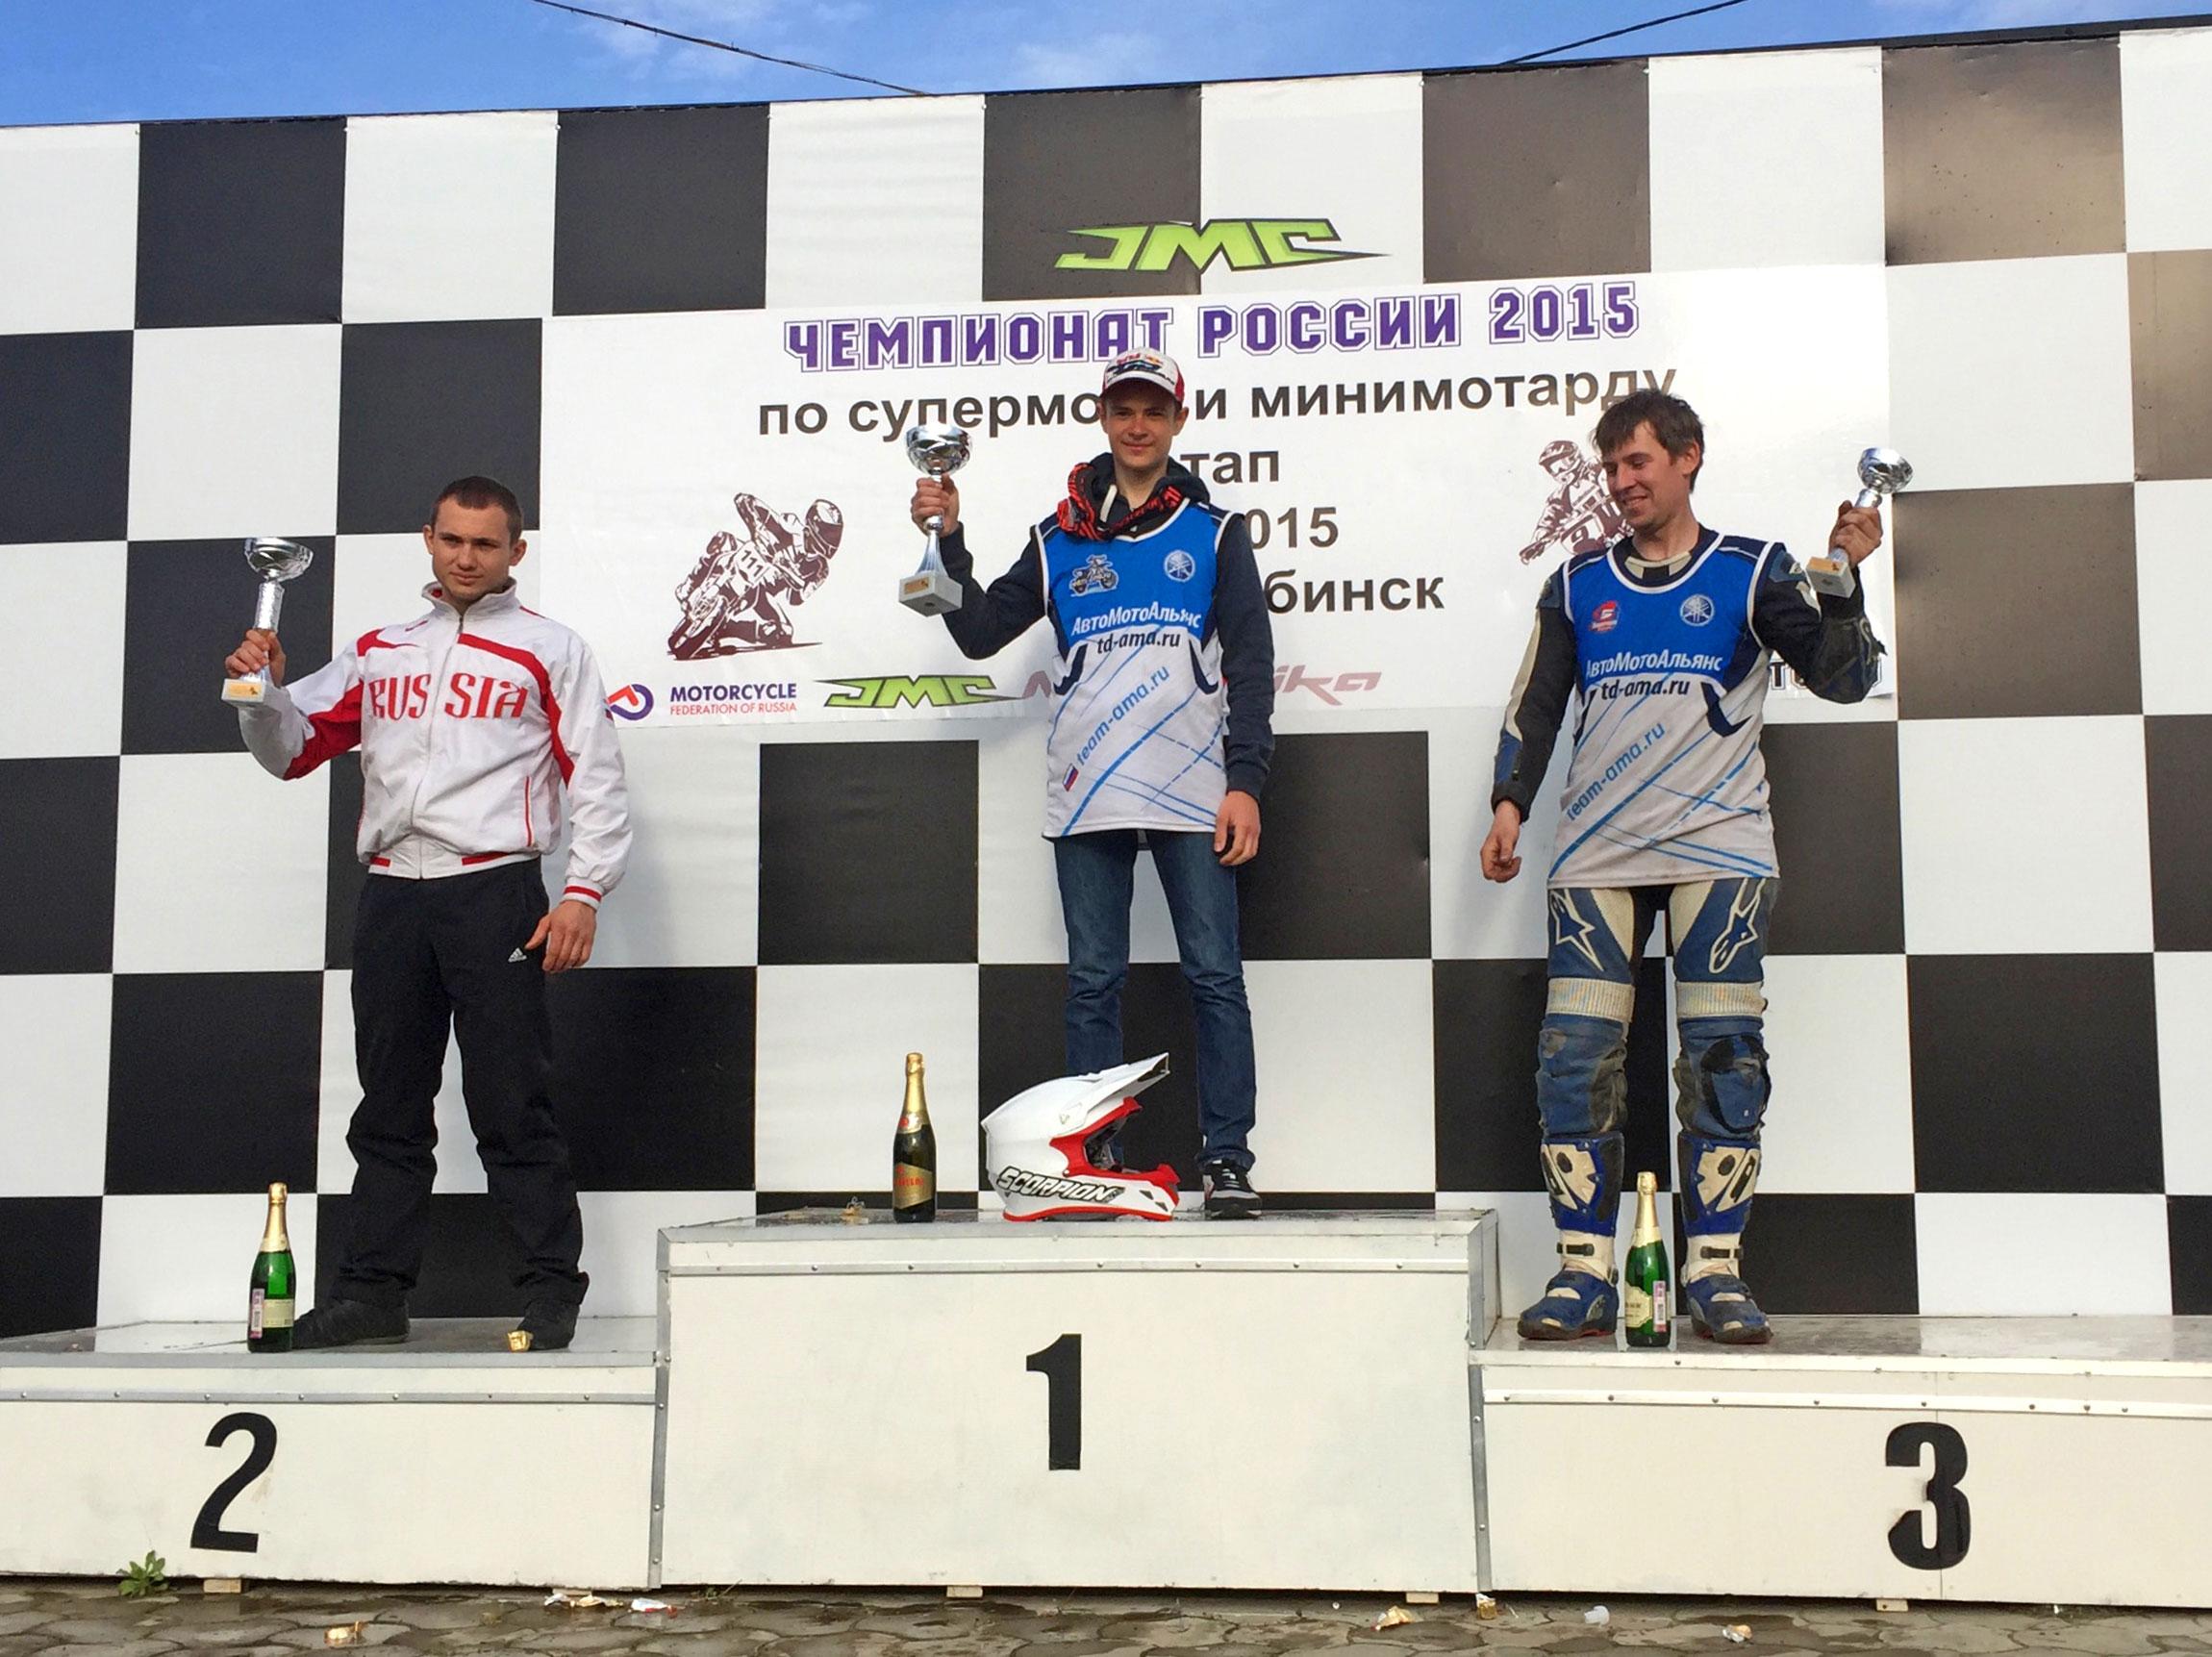 Makar-Yurchenko-Russia-Supermoto-2015-(2)web